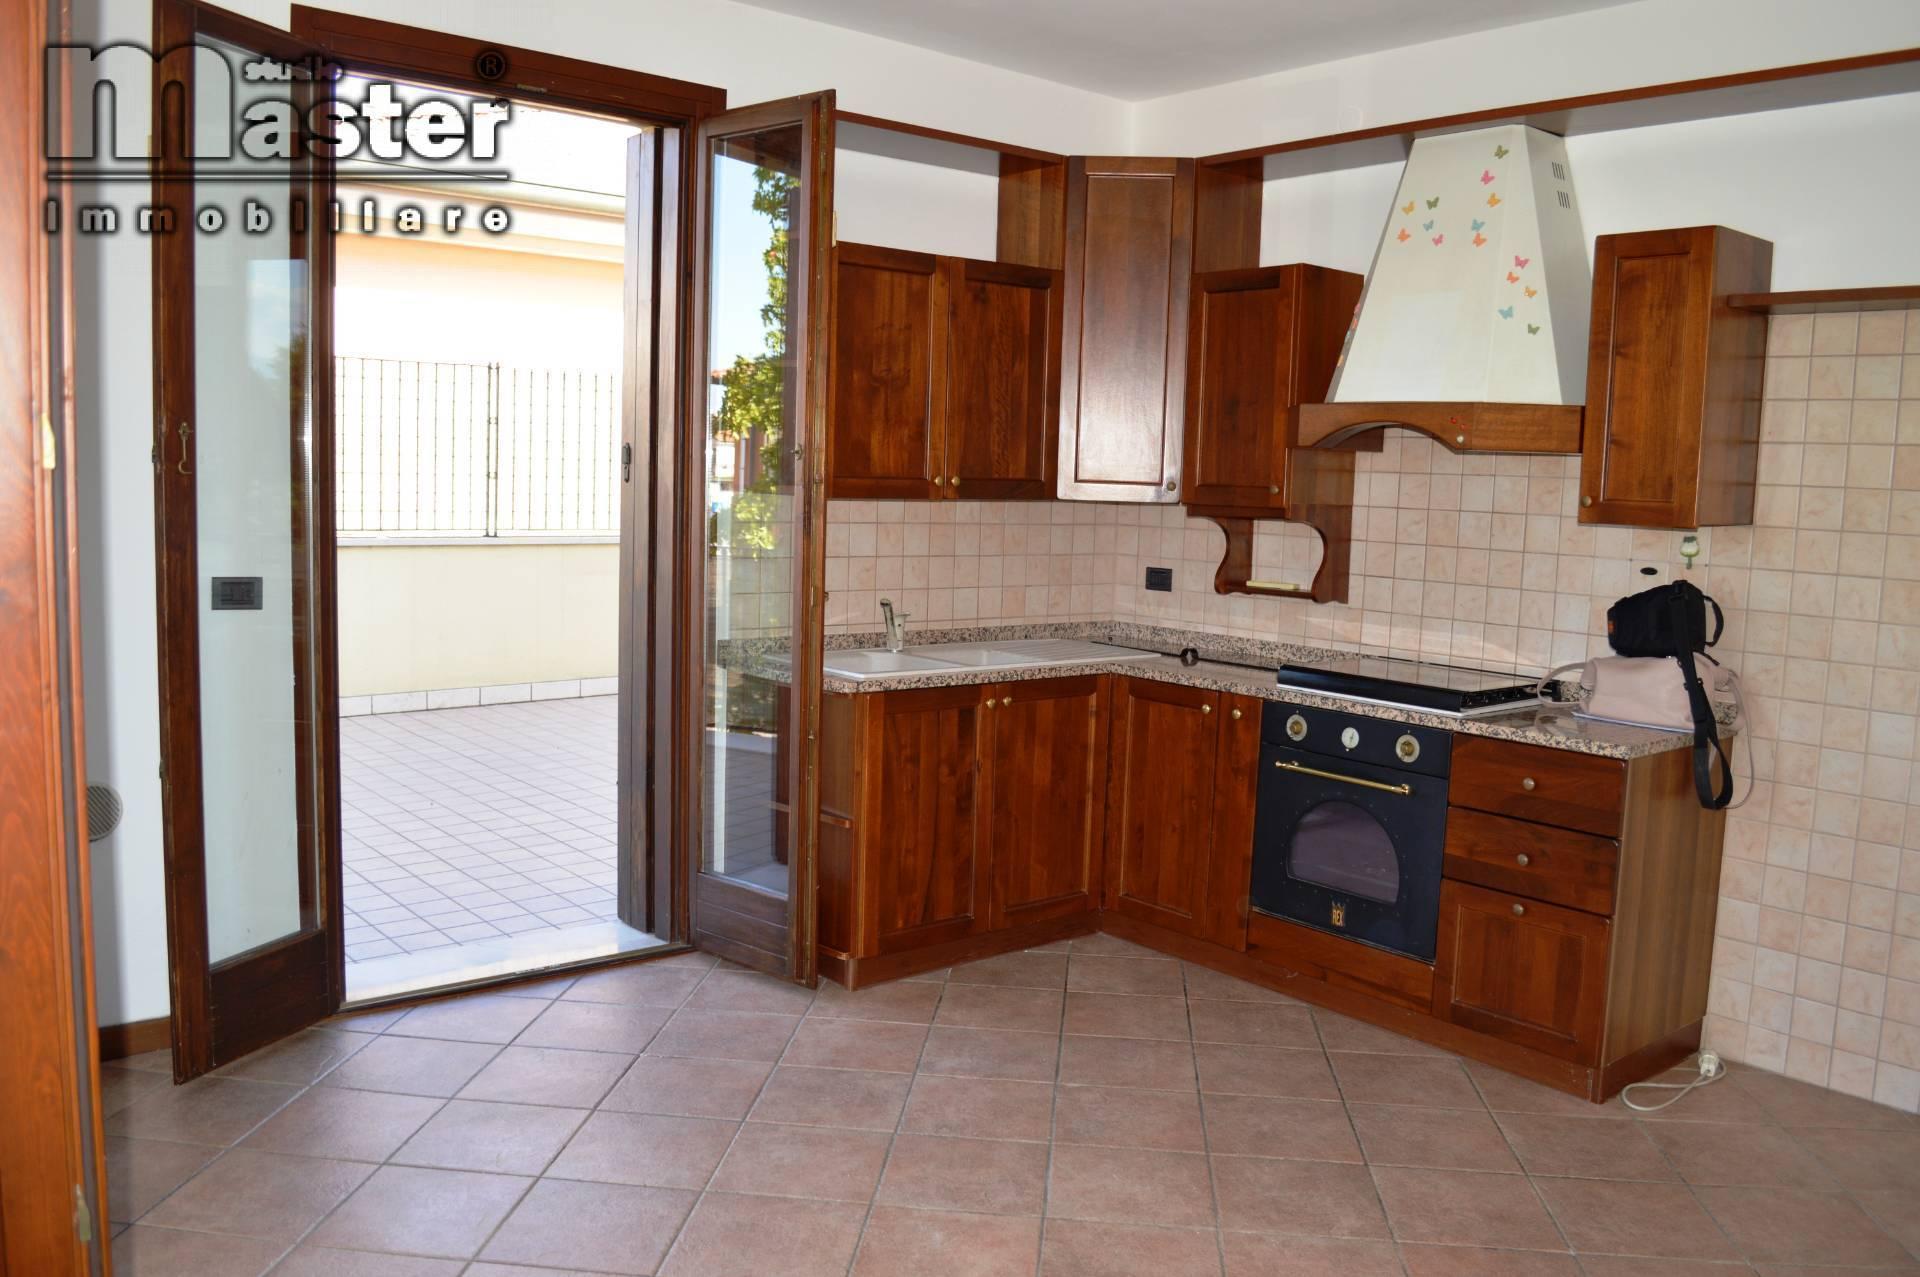 Appartamento in vendita a Trevignano, 5 locali, prezzo € 120.000 | PortaleAgenzieImmobiliari.it